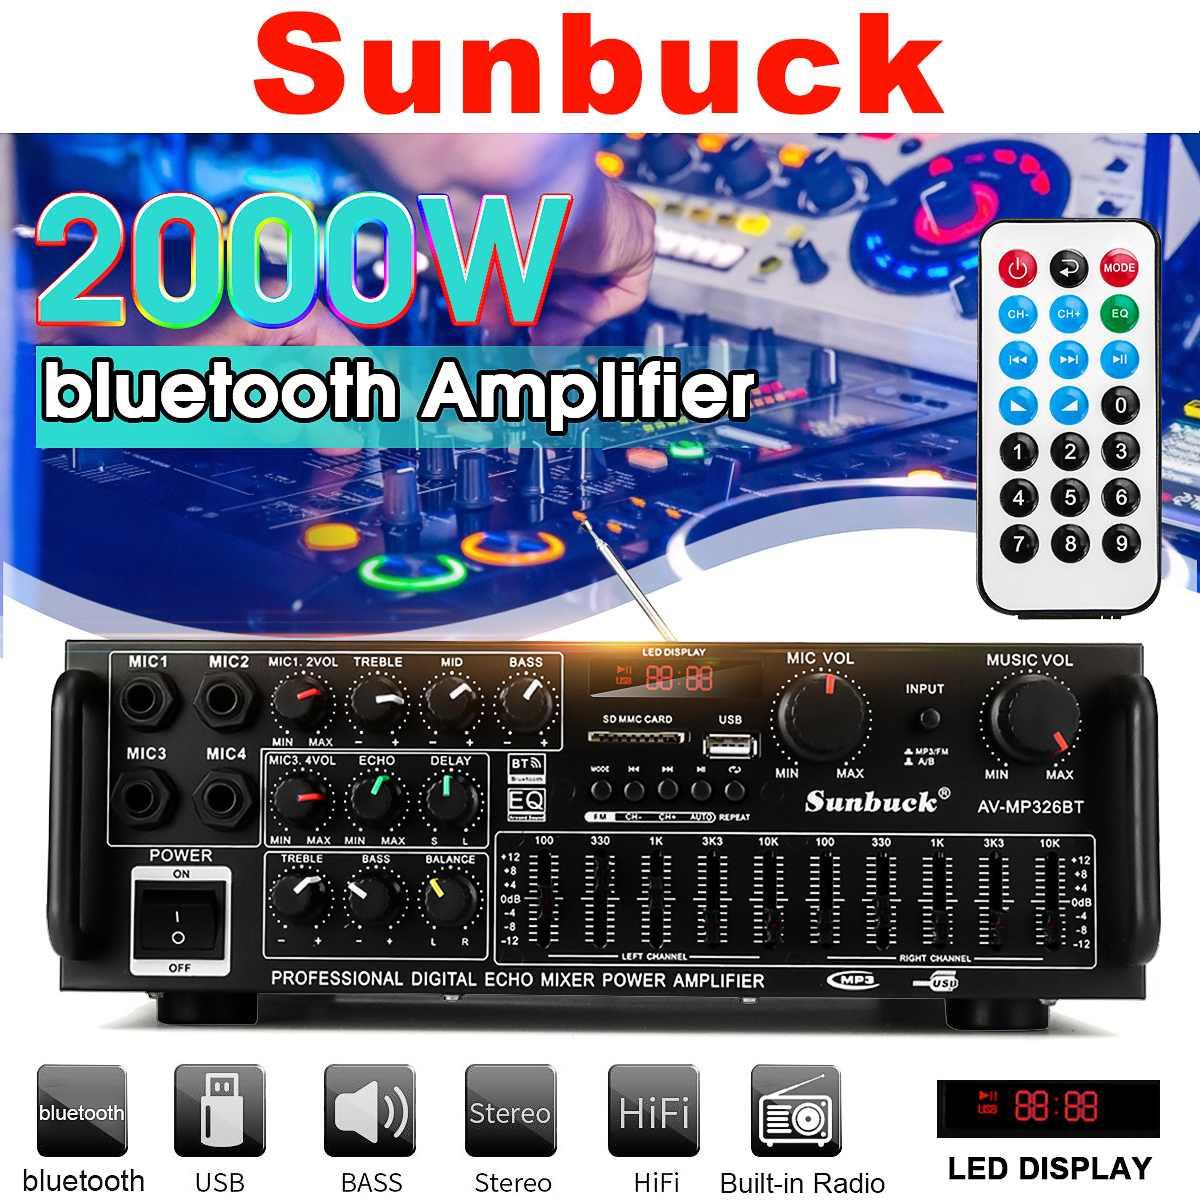 2000W 110 V/220 V 2 canaux bluetooth maison stéréo puissance amplificateur Audio USB SD amplificateurs à distance amplificateur de Subwoofer